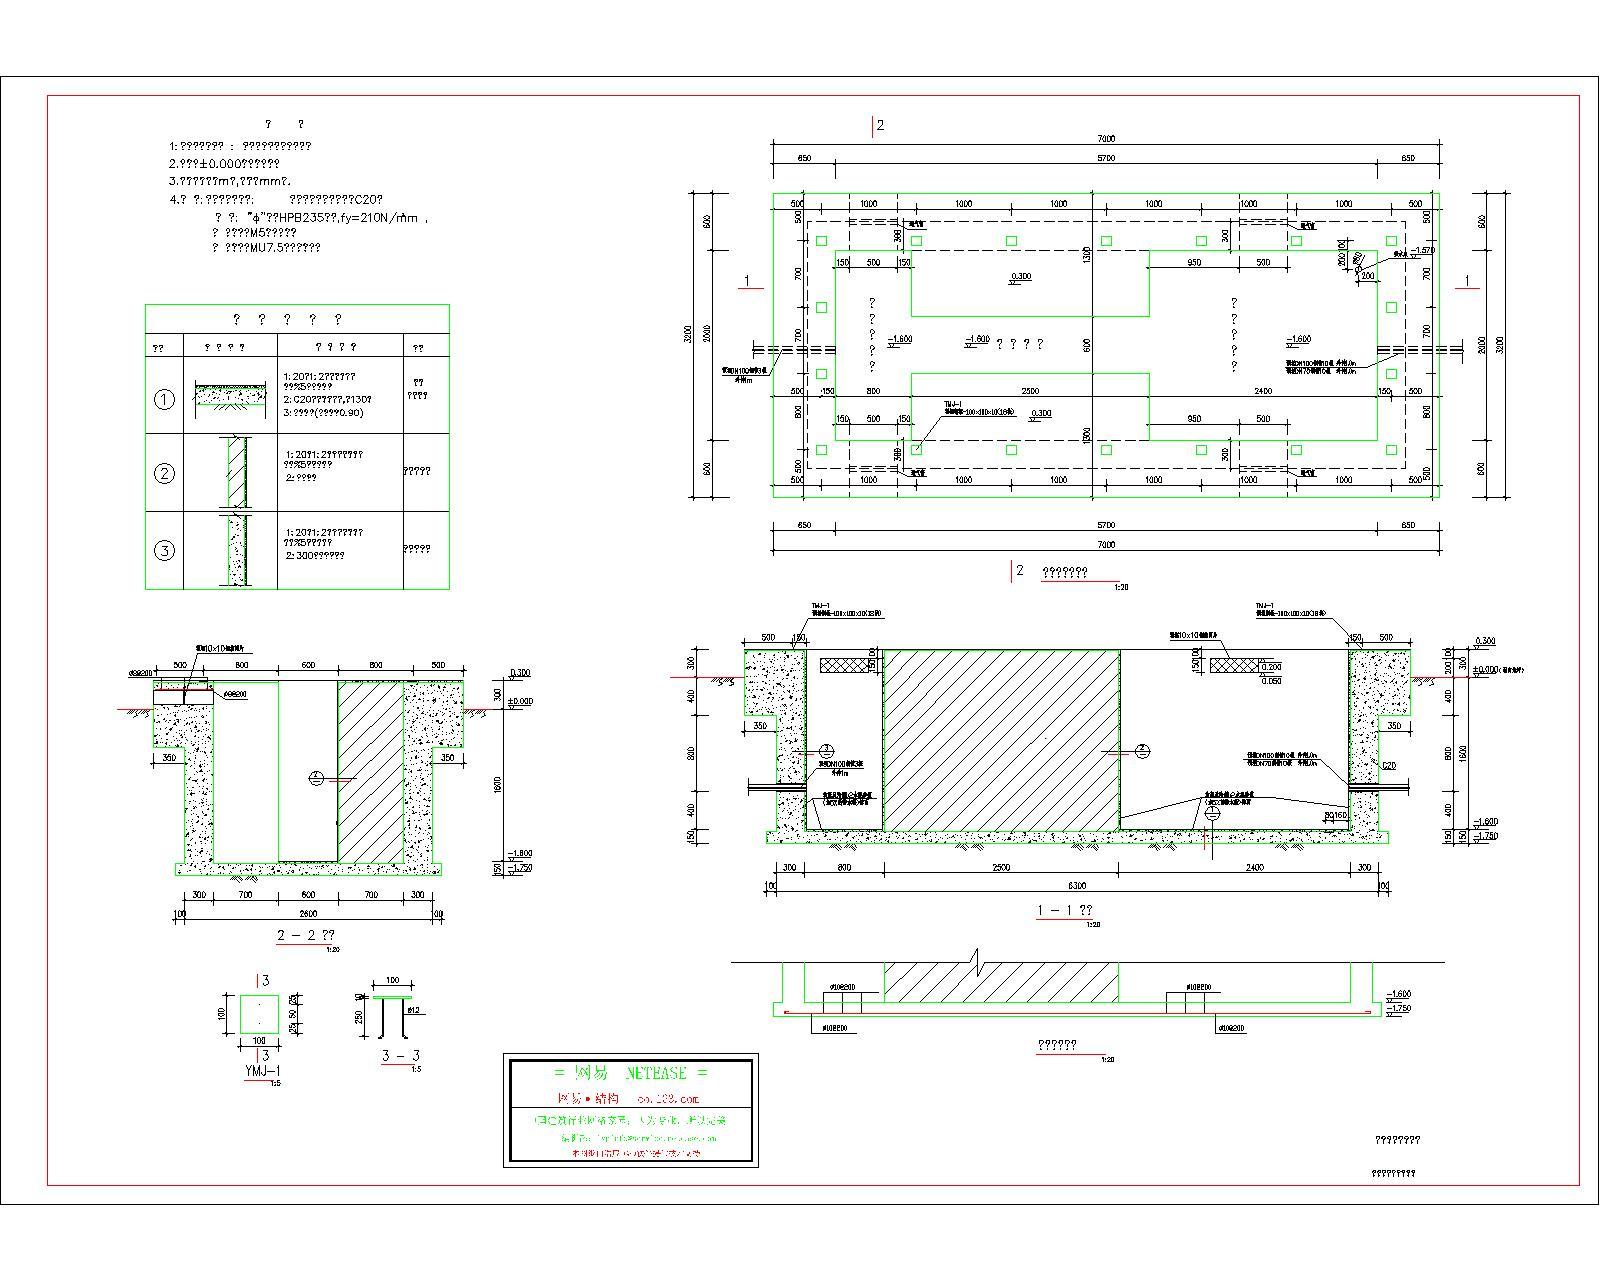 6座箱变站电气设计施工图,共250张 欧变50kva箱变排列图及箱变基础图